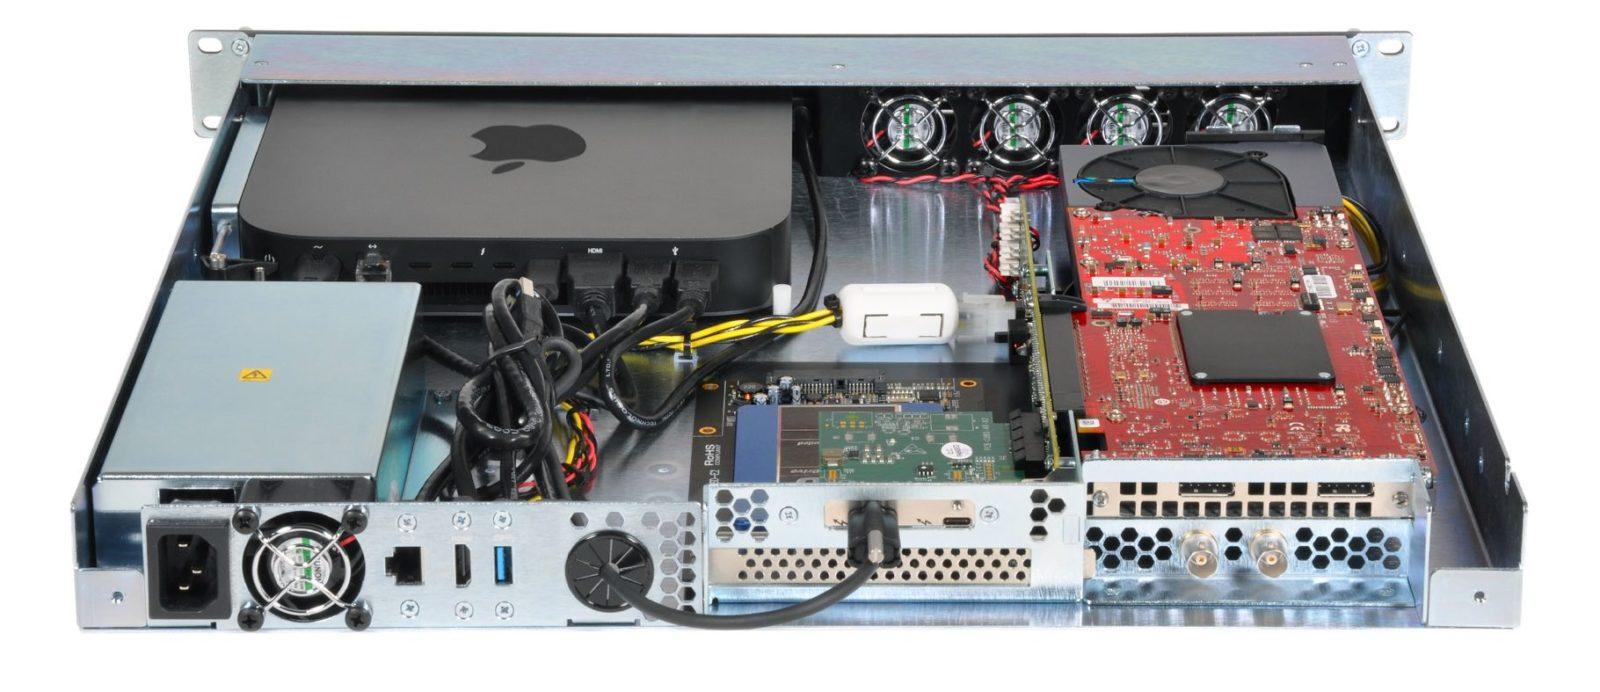 Sonnet ha creato una nuova versione del sistema di montaggio in rack per Mac Mini